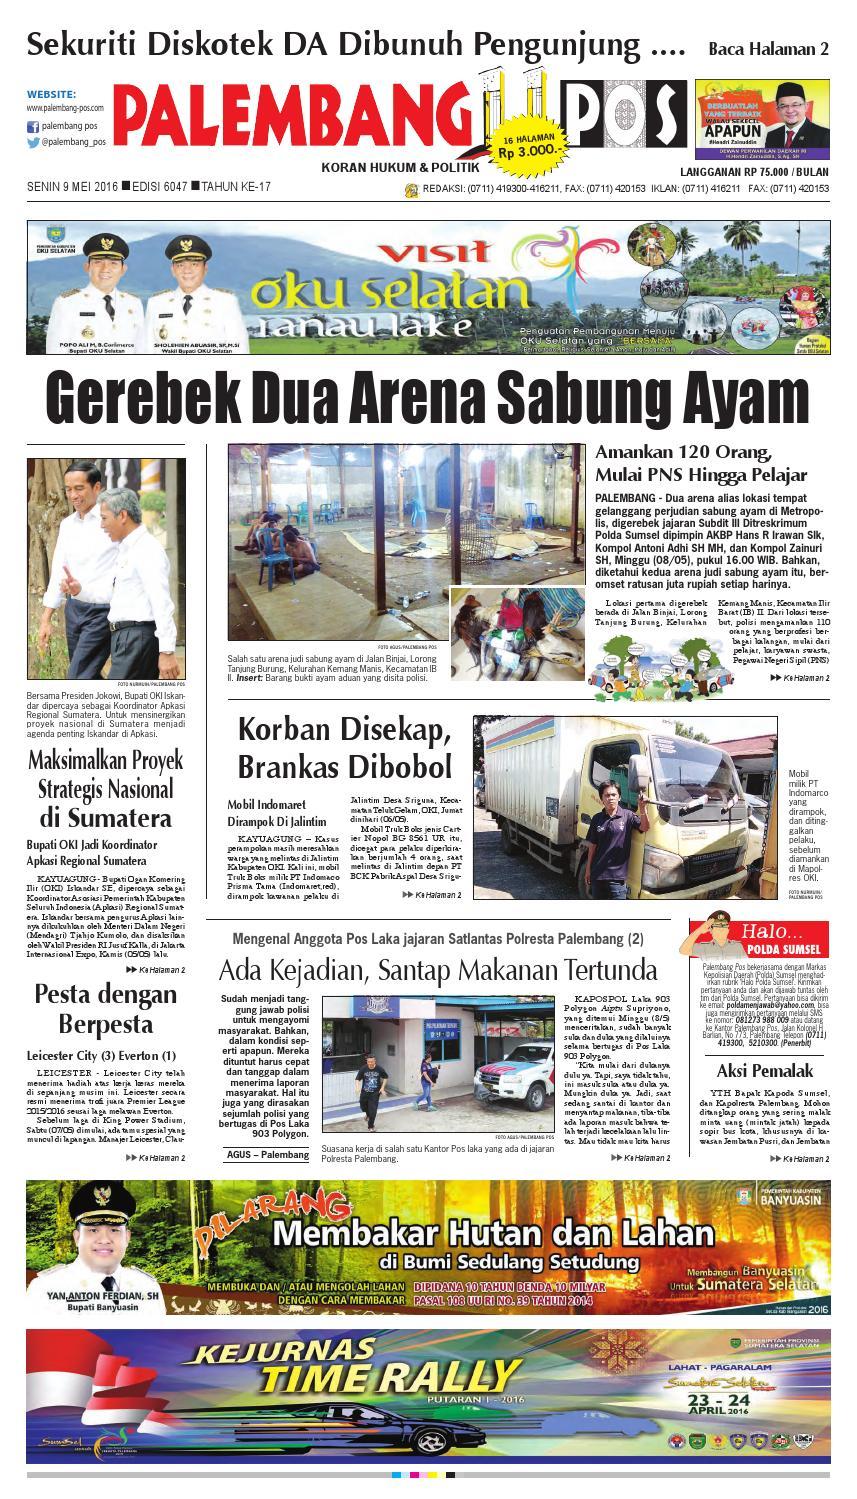 palembang pos edisi senin 9 mei 2016 by palembang pos issuu